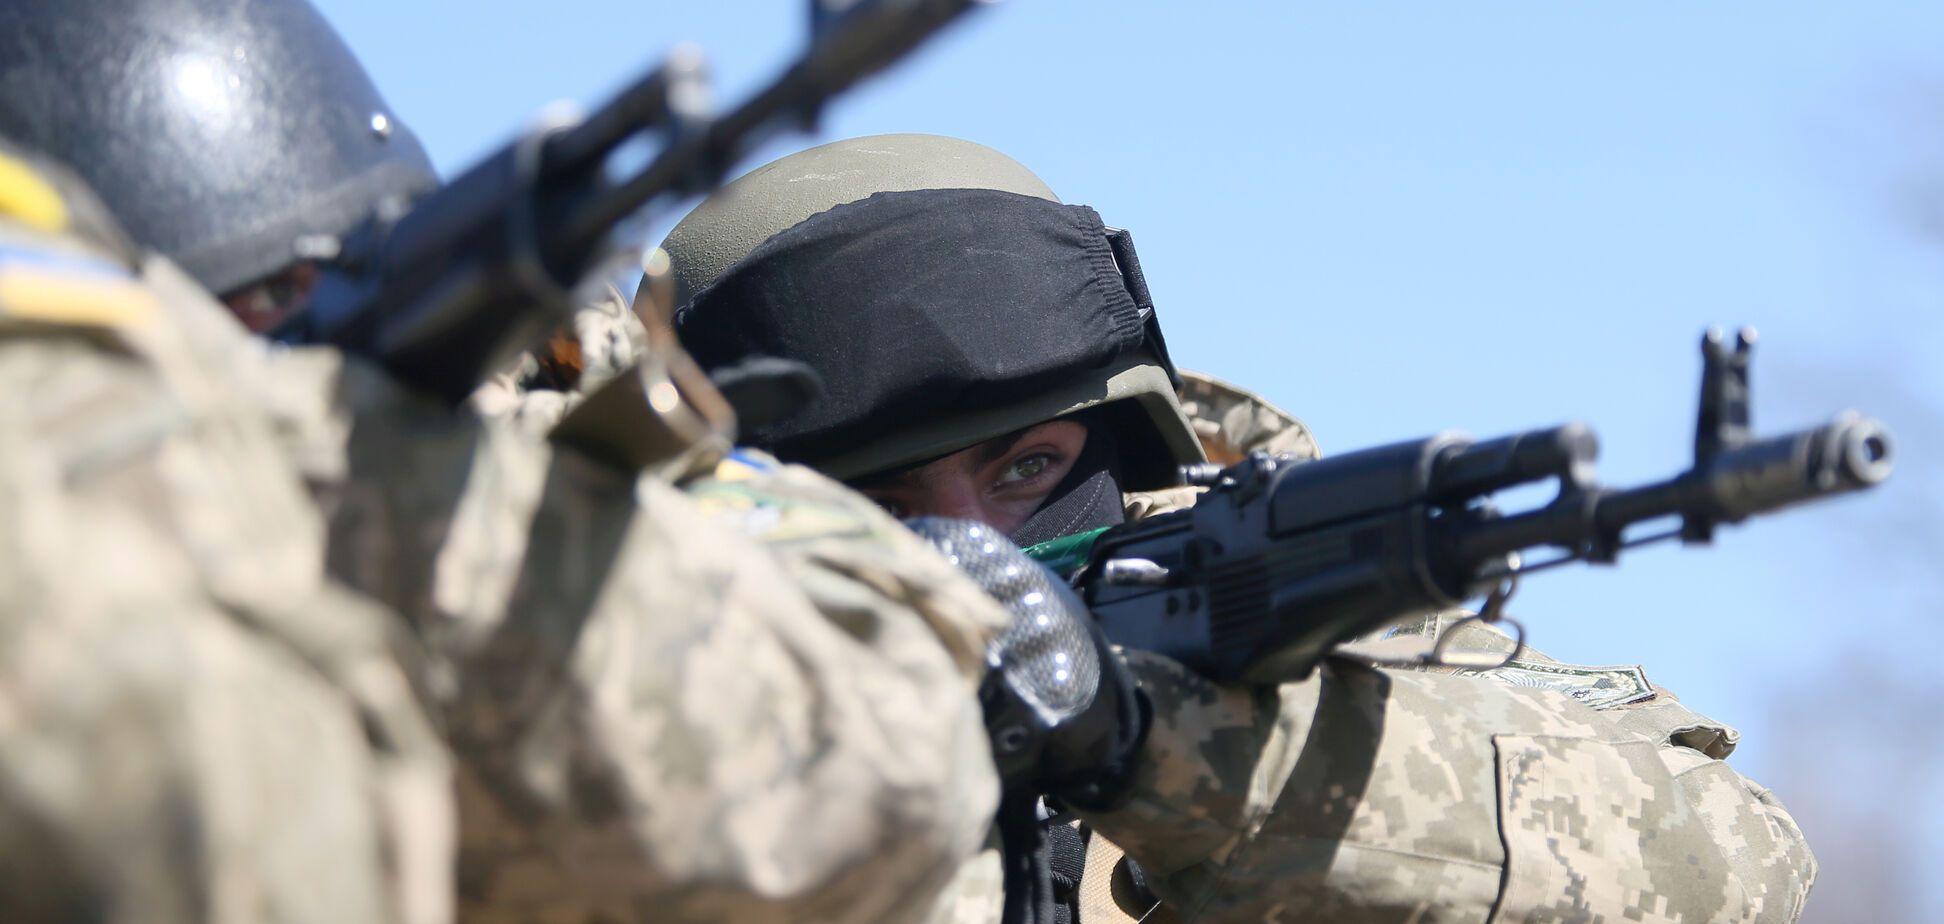 Бойцы АТО дали жесткий отпор, но опять понесли потери